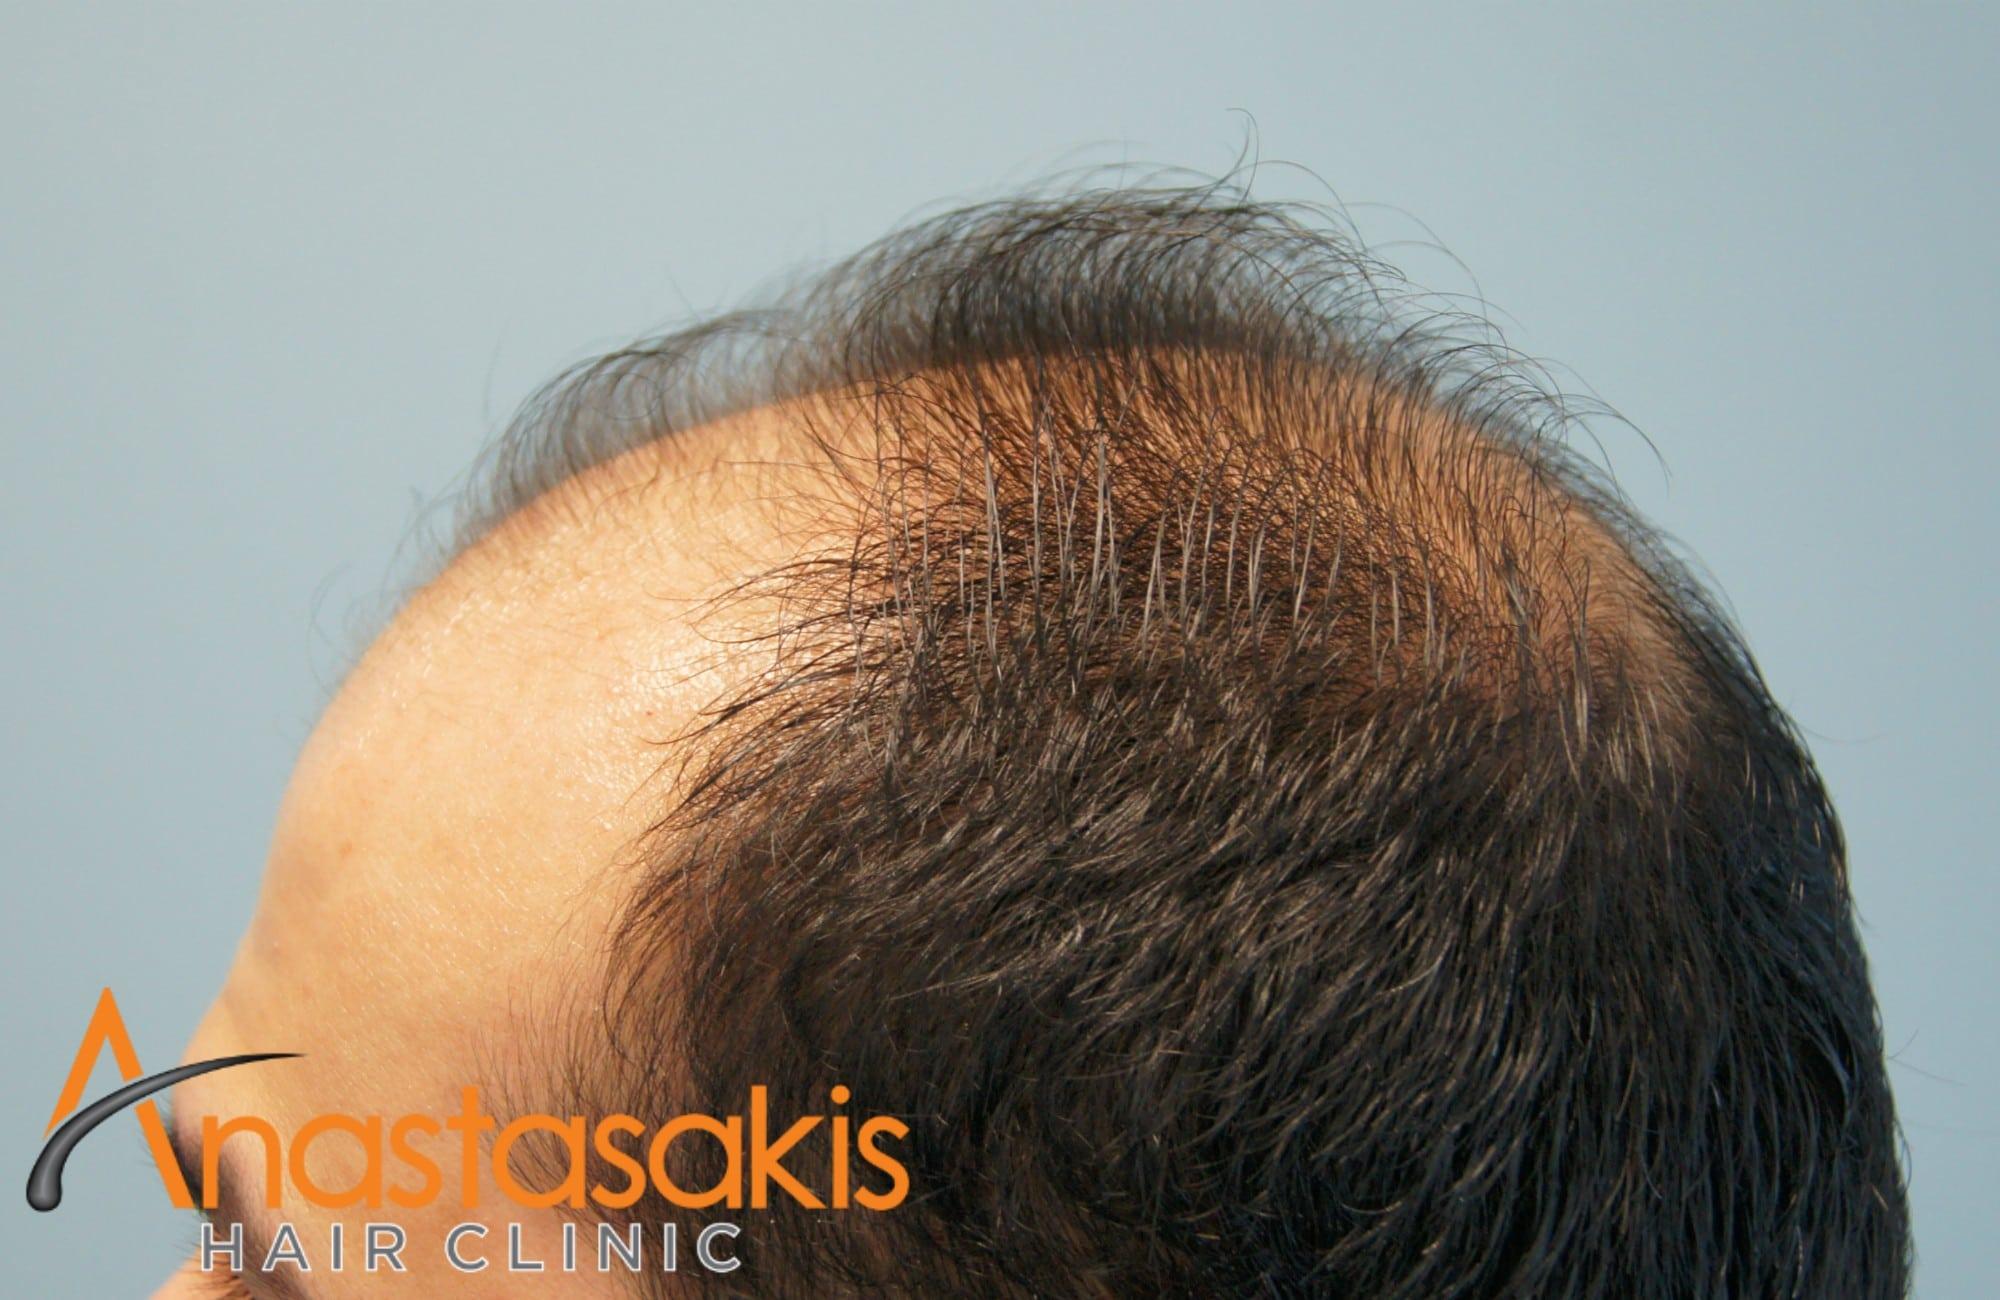 δεξι προφιλ ασθενους πριν τη μεταμοσχευση μαλλιων με 3000 fus